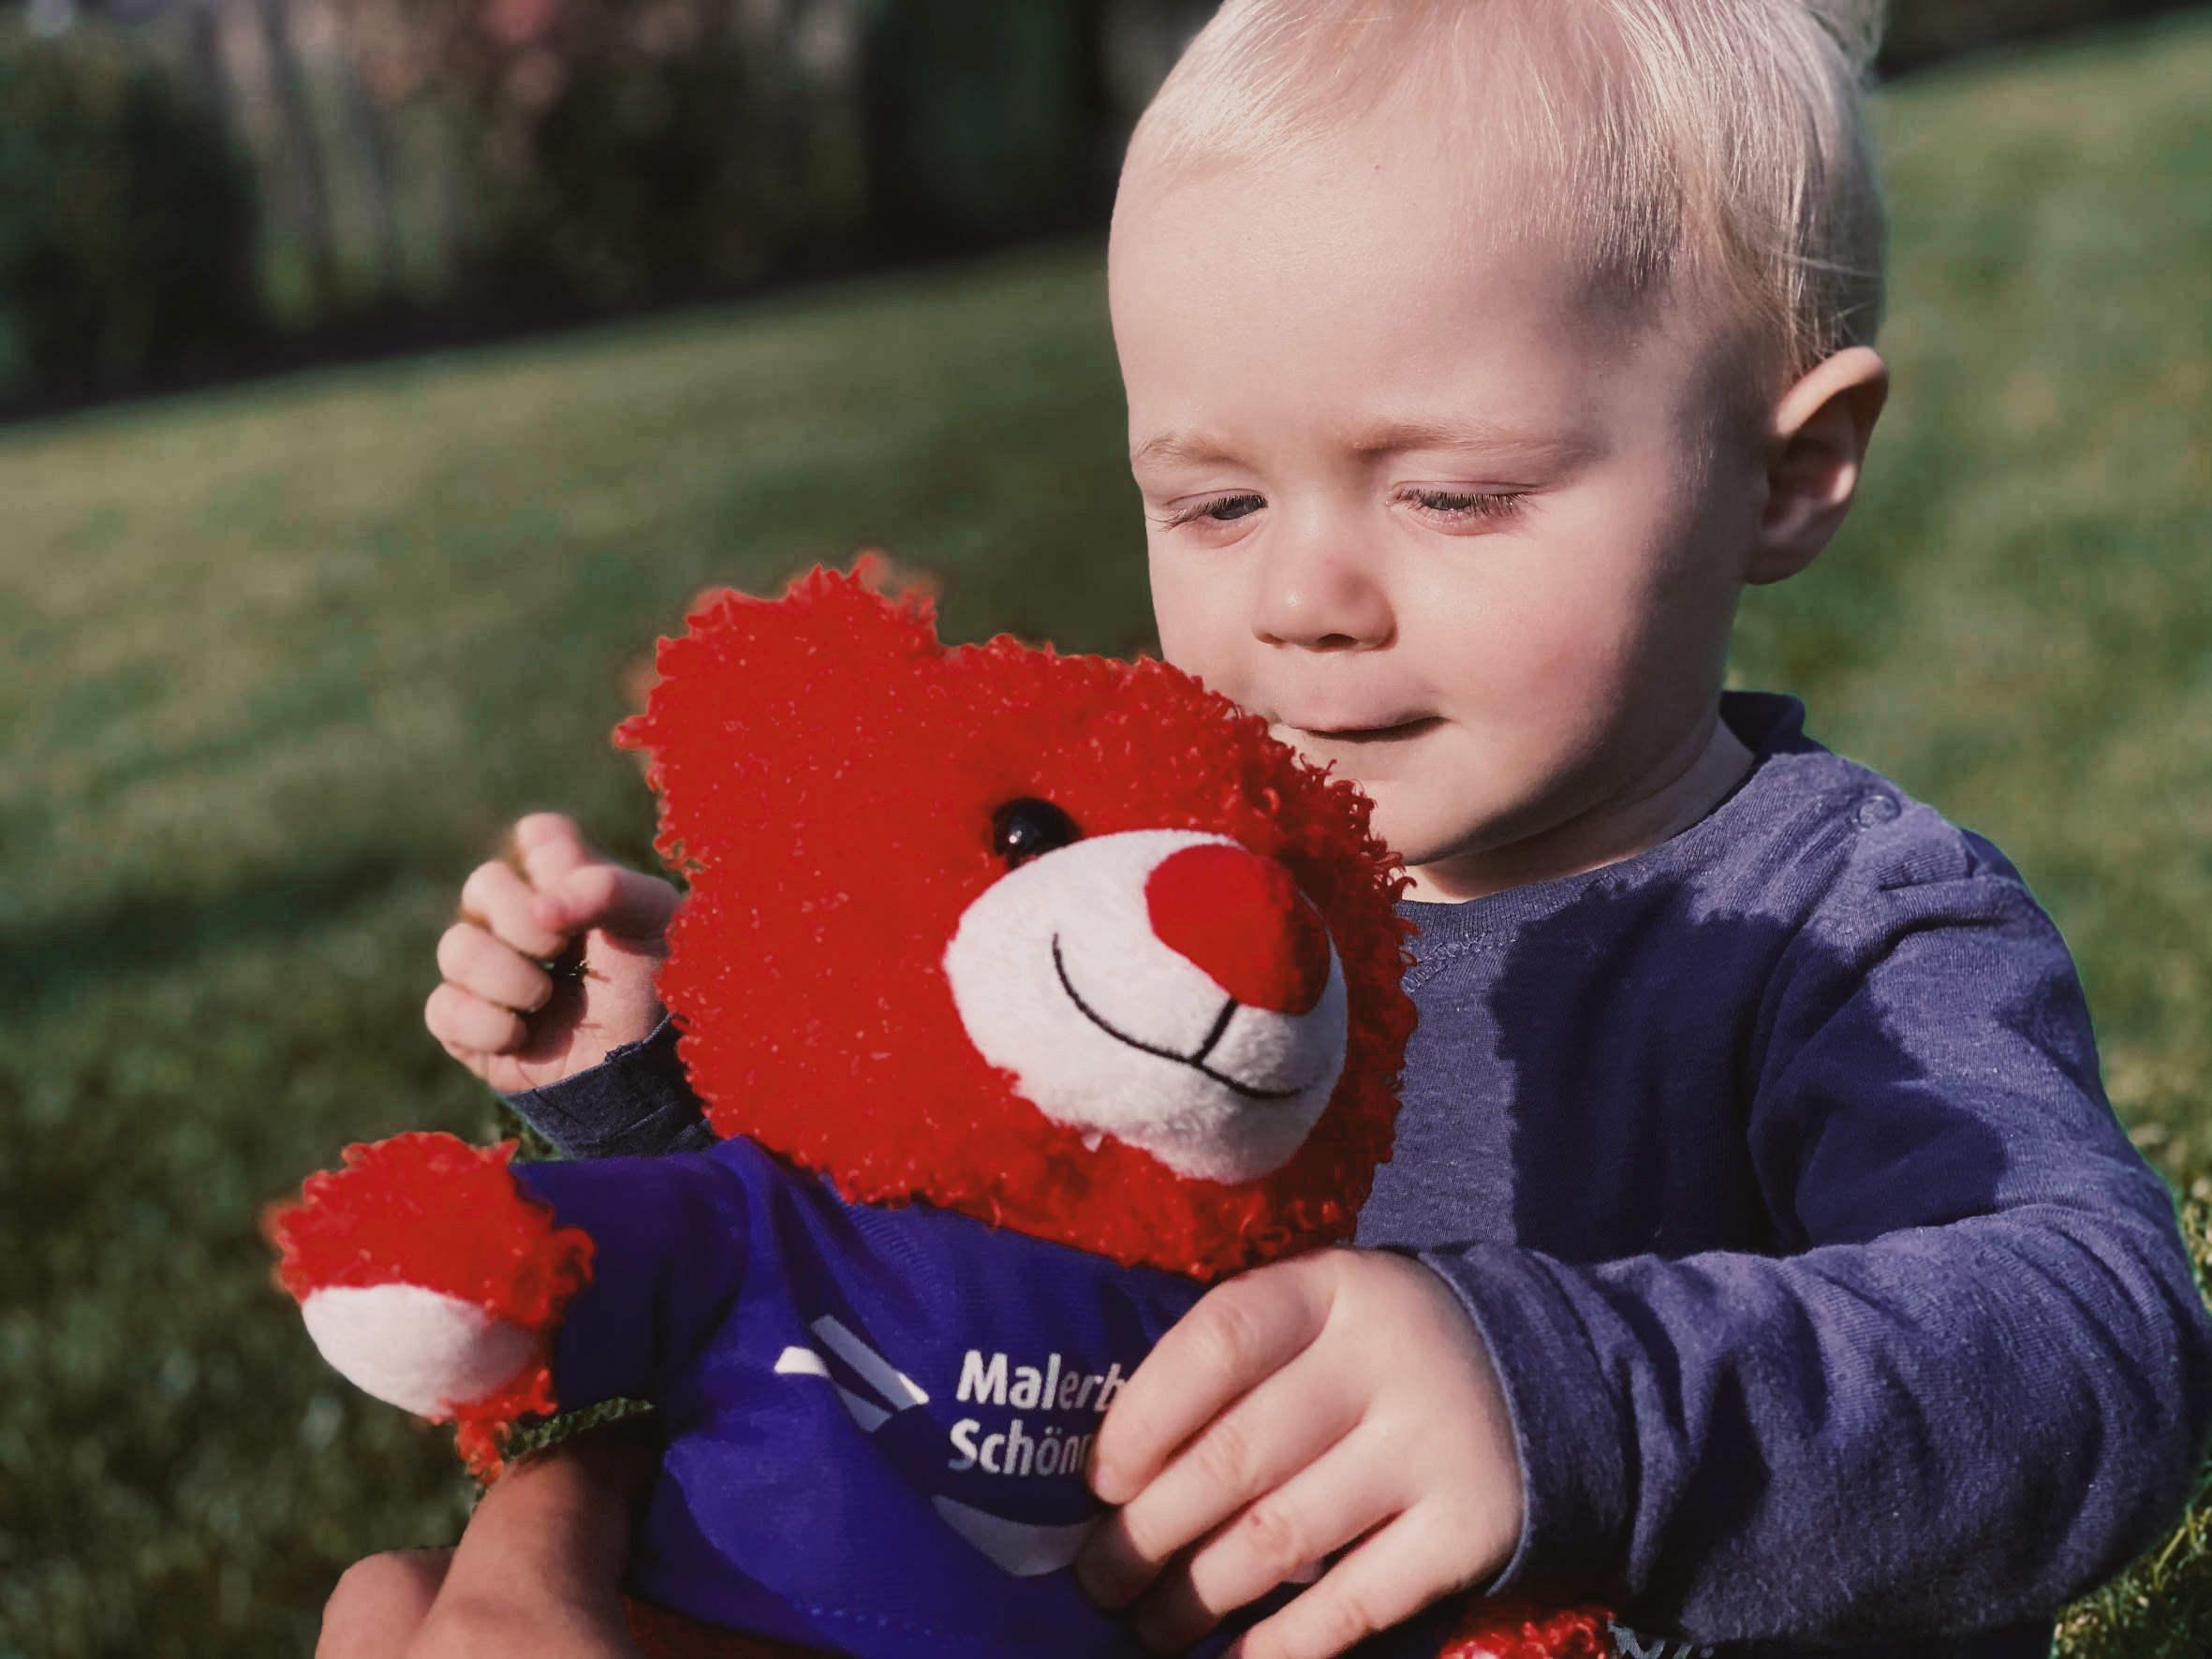 Plüsch Baby mit rotem Teddy auf dem Rasen